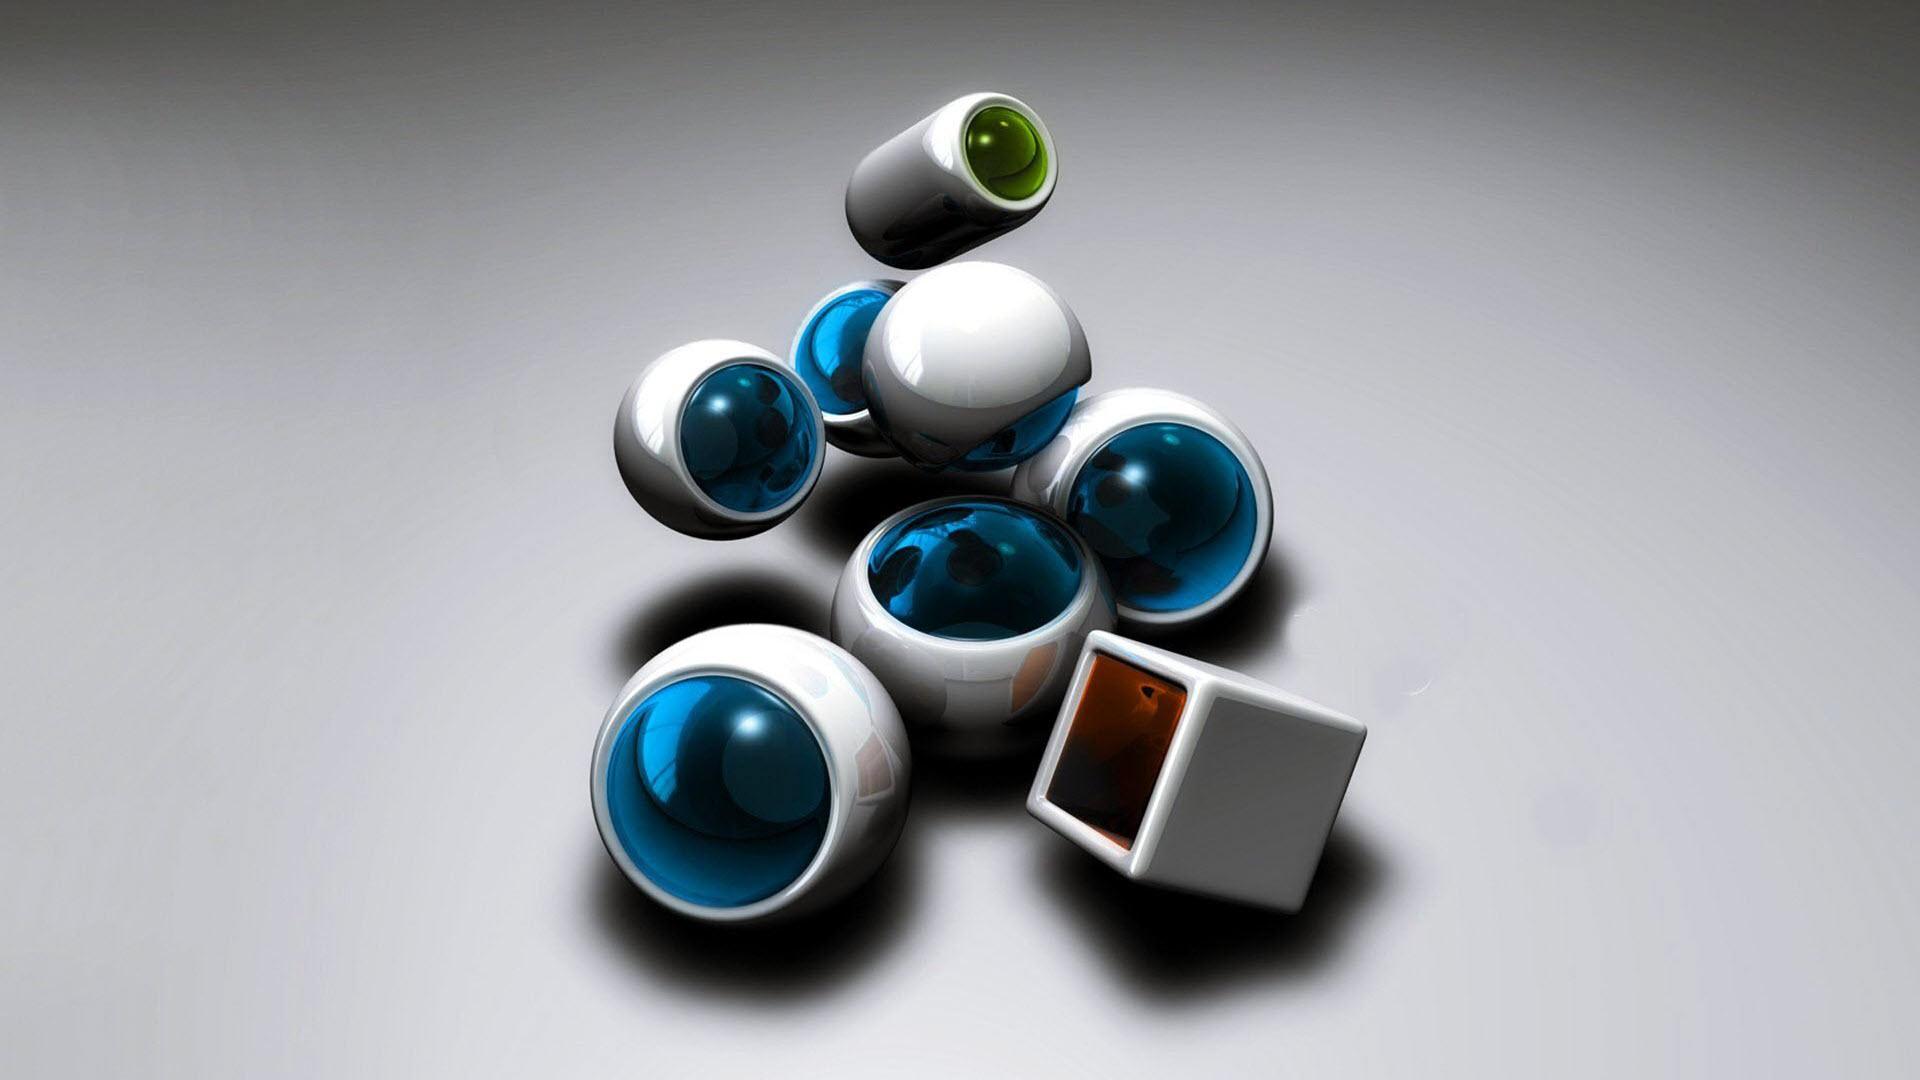 Hình nền 3D sáng tạo, độc đáo